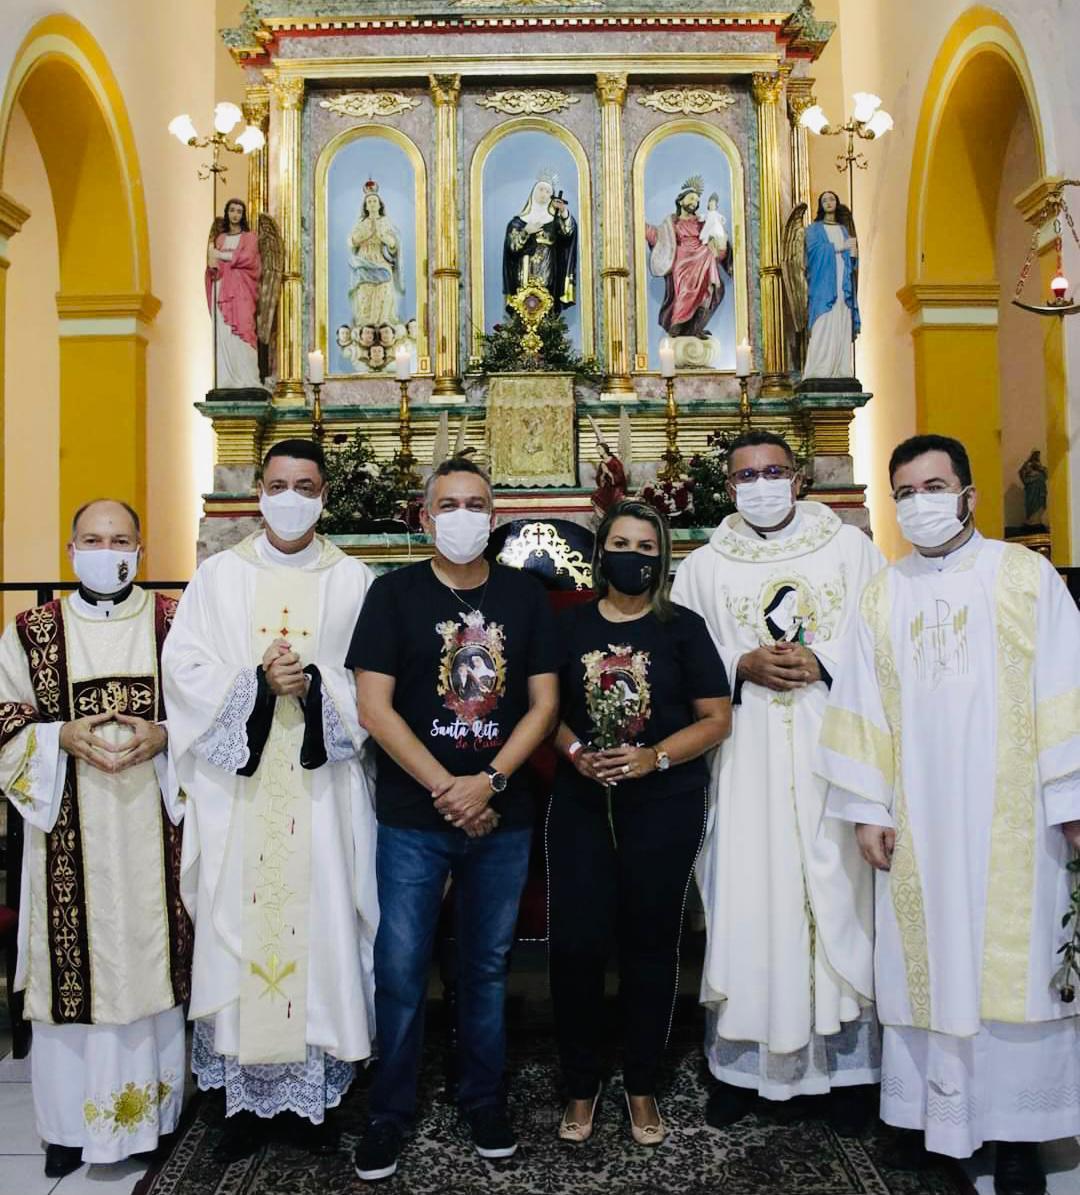 WhatsApp Image 2021 05 23 at 12.11.05 - Dra. Jane e Dr. Emerson Panta participam da missa votiva em honra à padroeira Santa Rita de Cássia